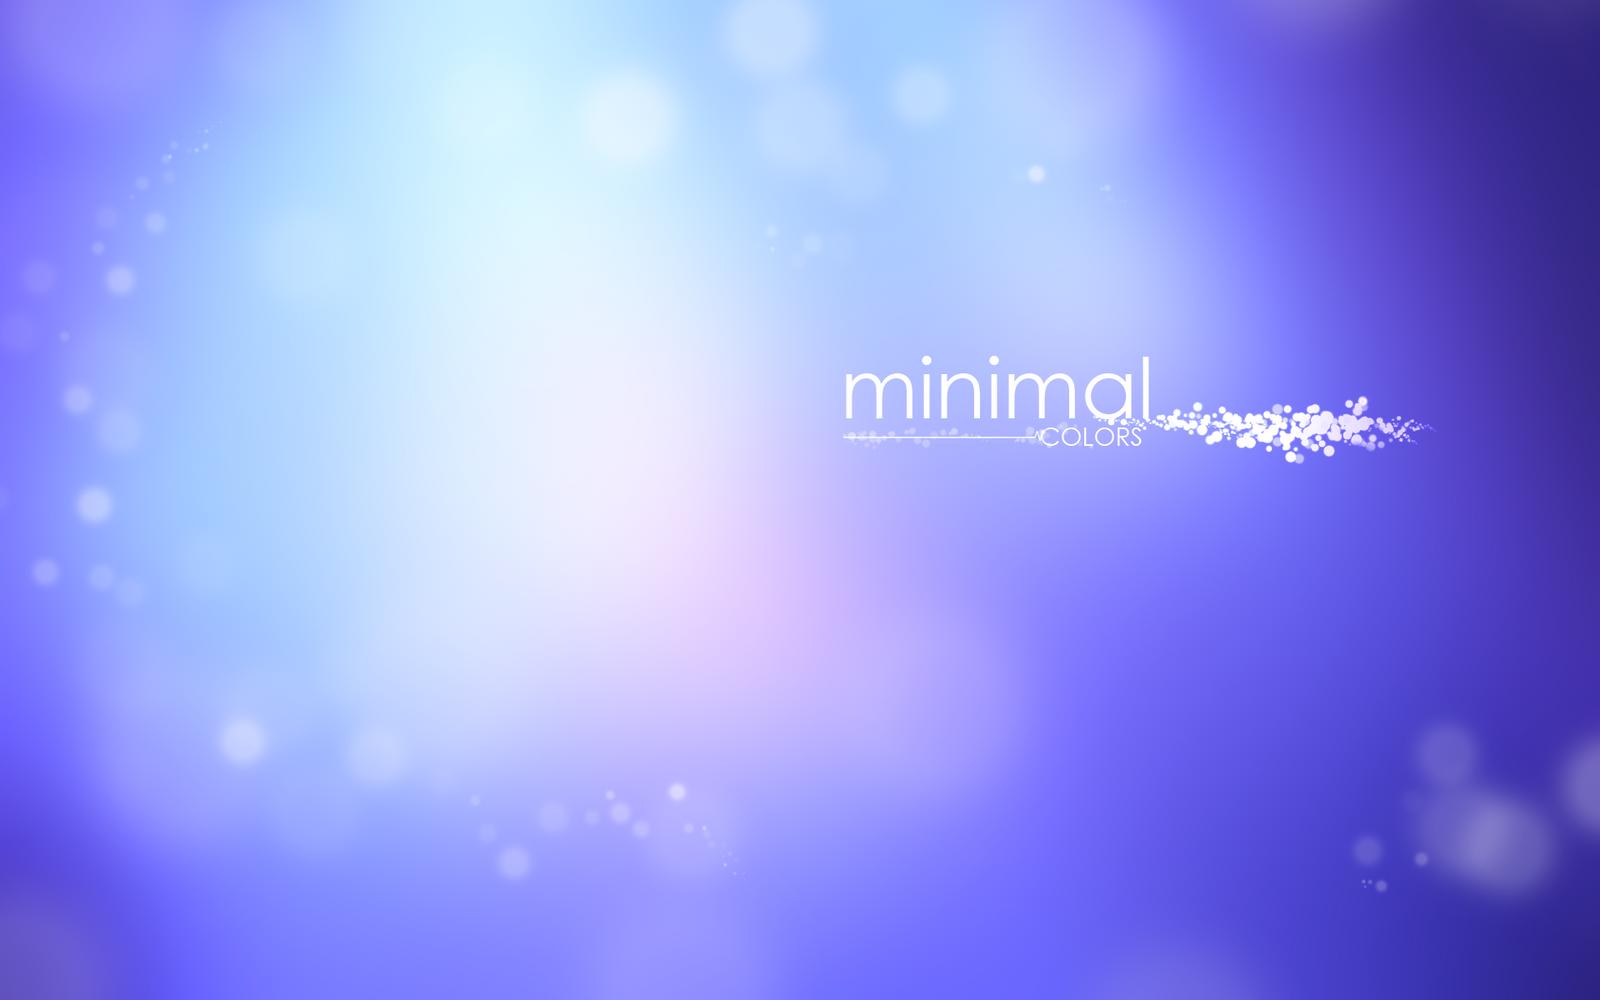 Minimal color blue by cahilart on deviantart for Art minimal color